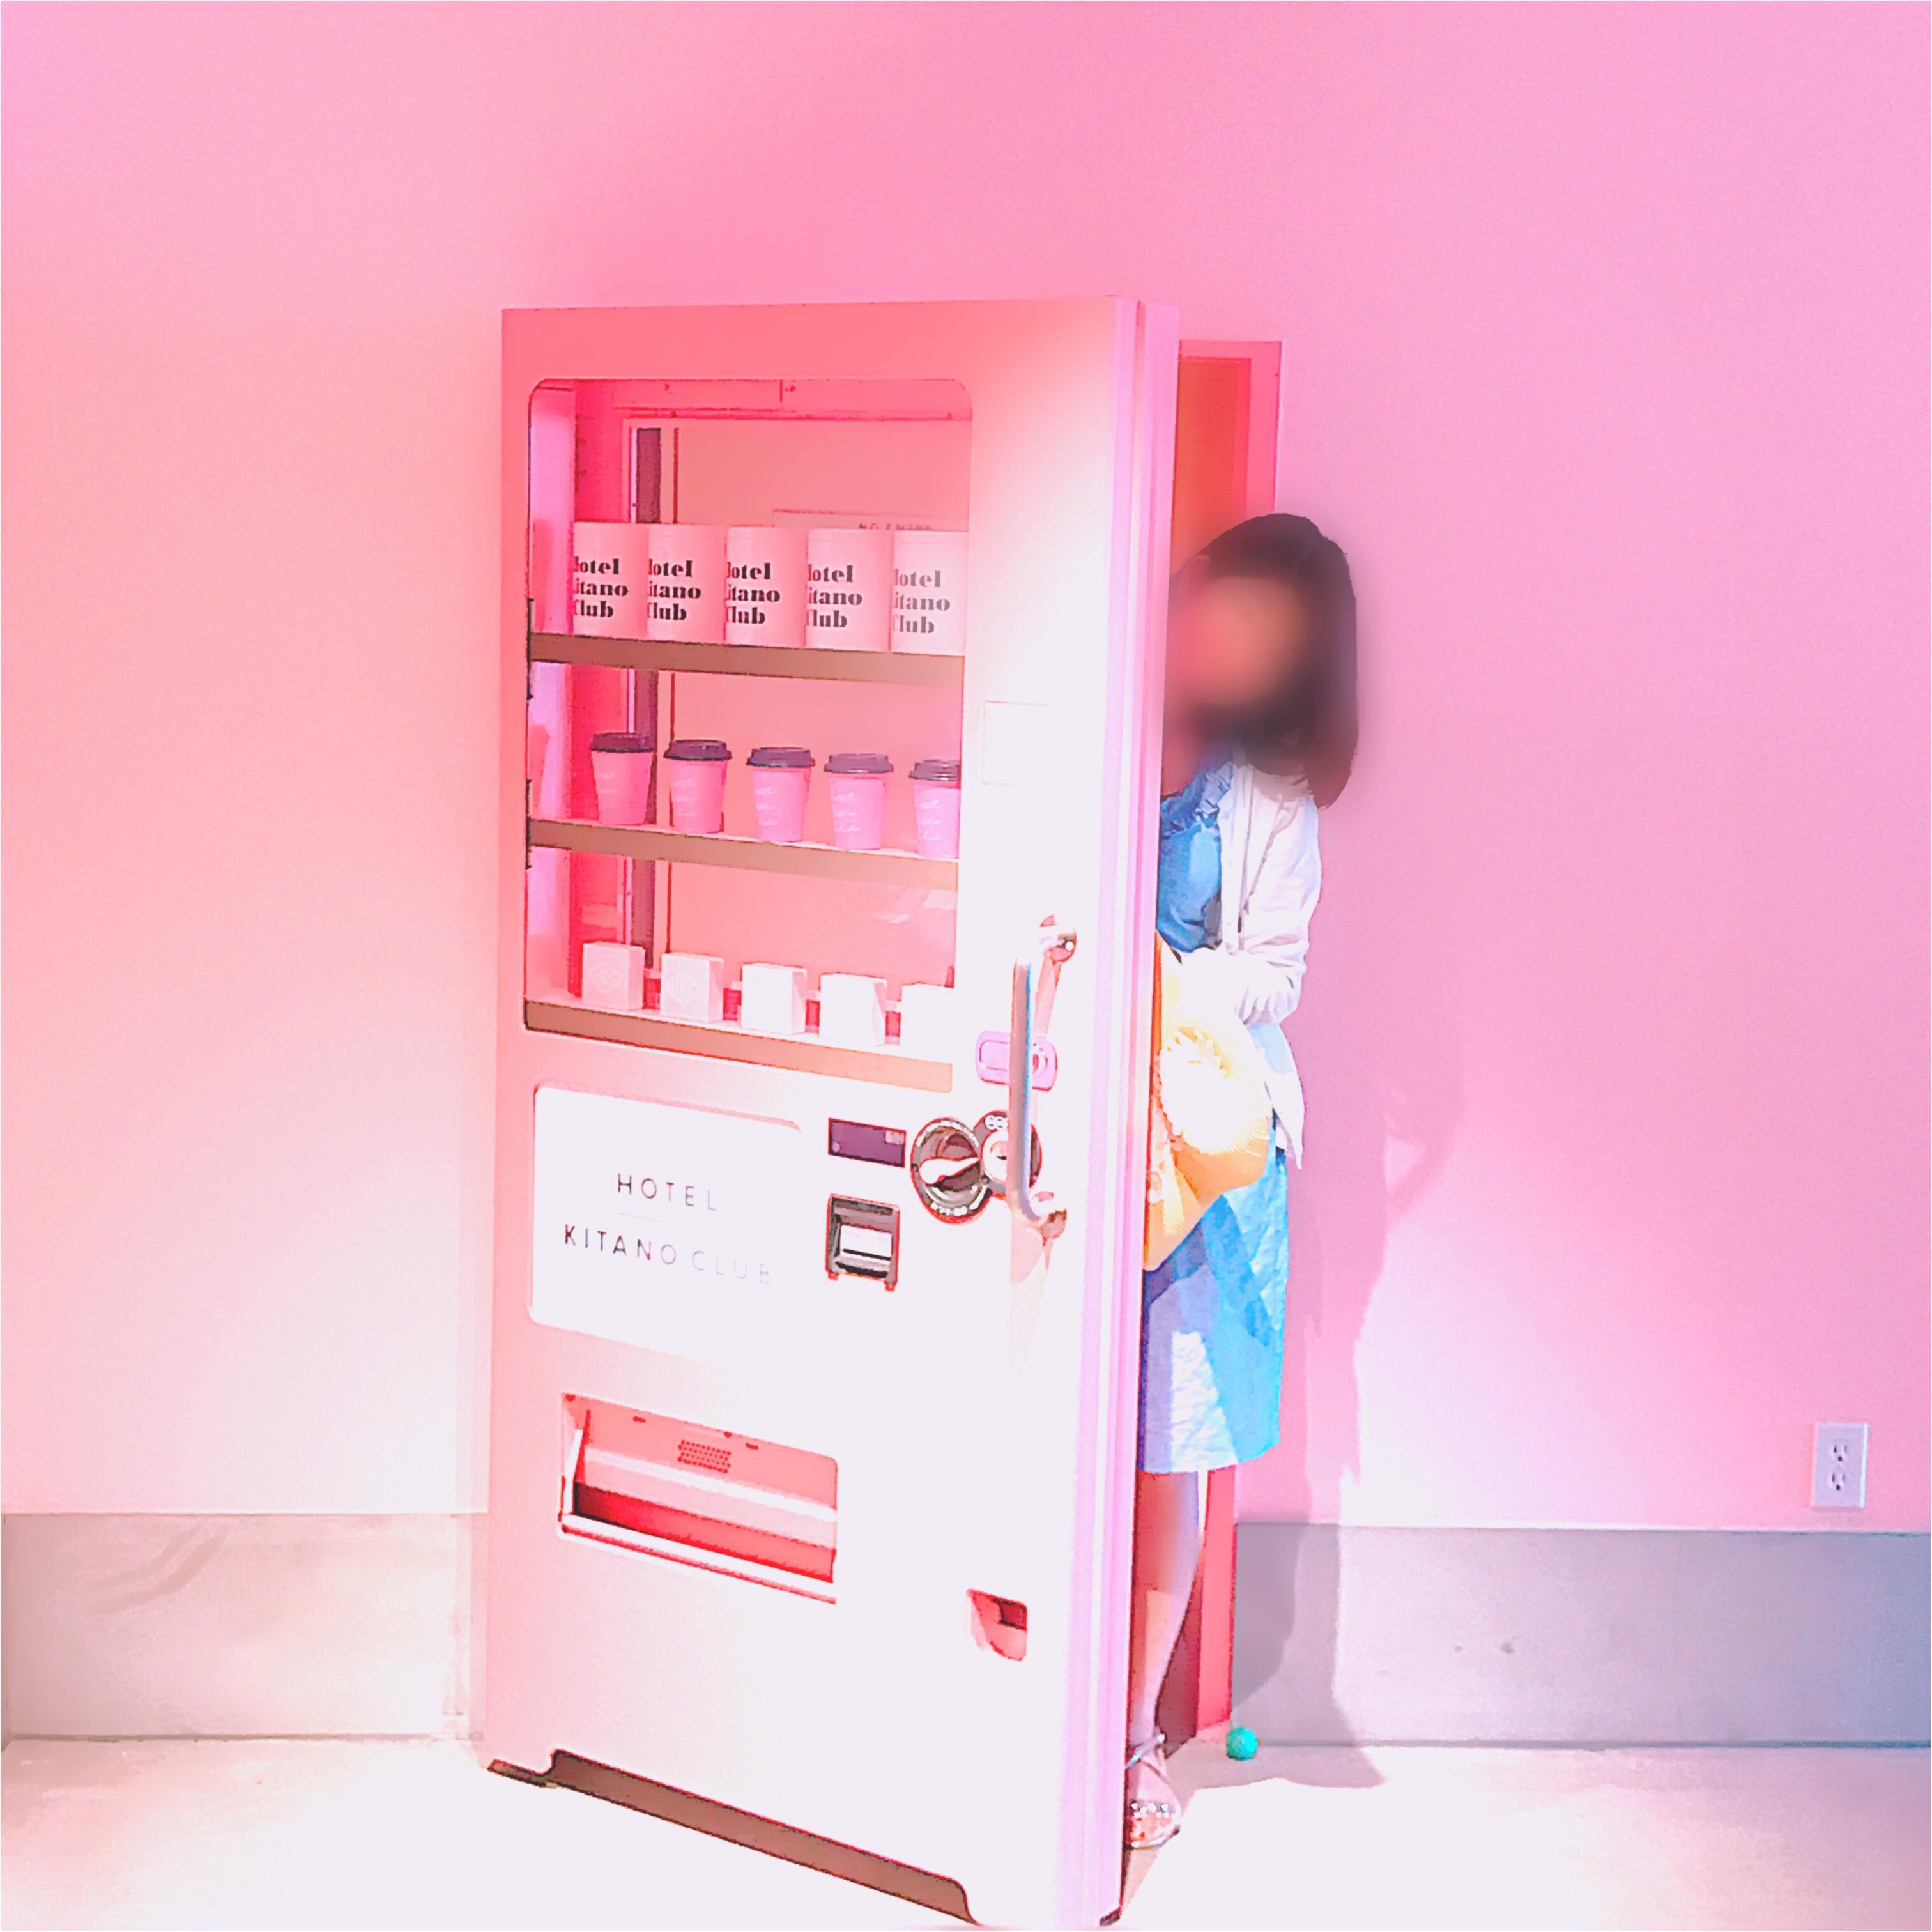 【ご当地MORE♡神戸】HOTEL KITANO CLUBがフォトジェニックすぎる!✨_9